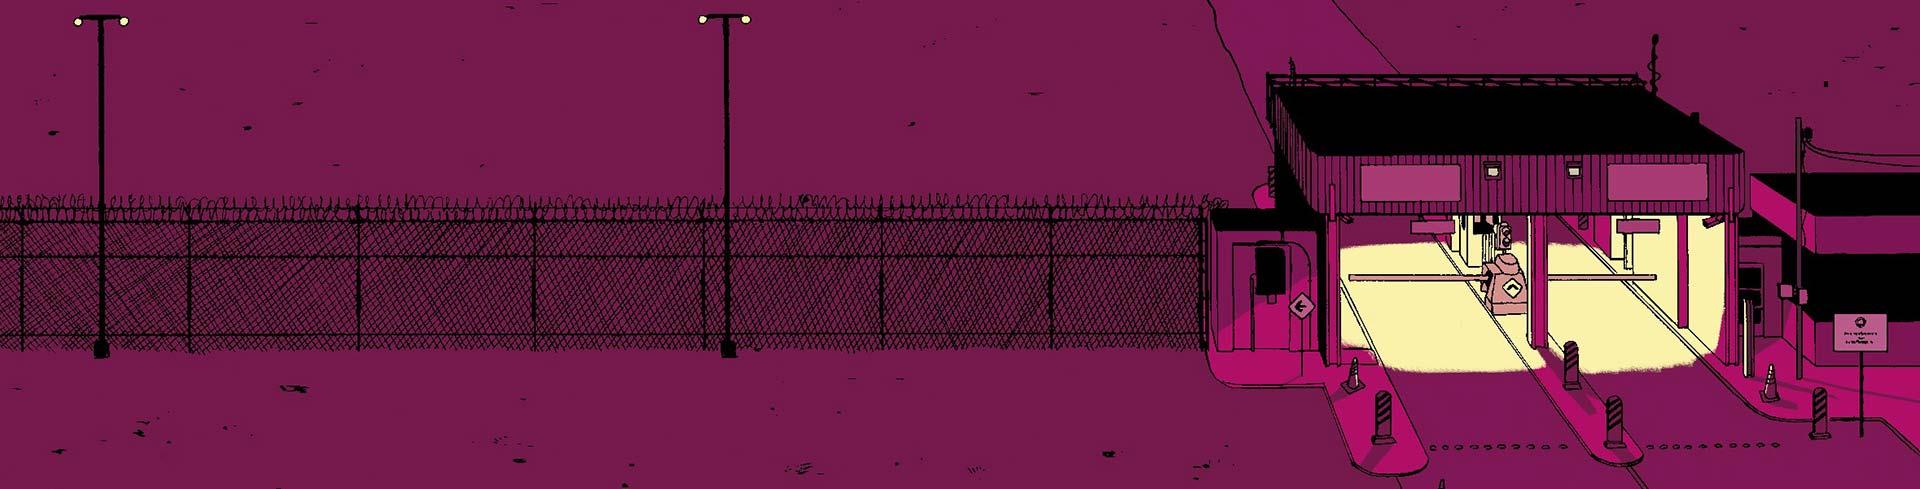 Barrier #1-5